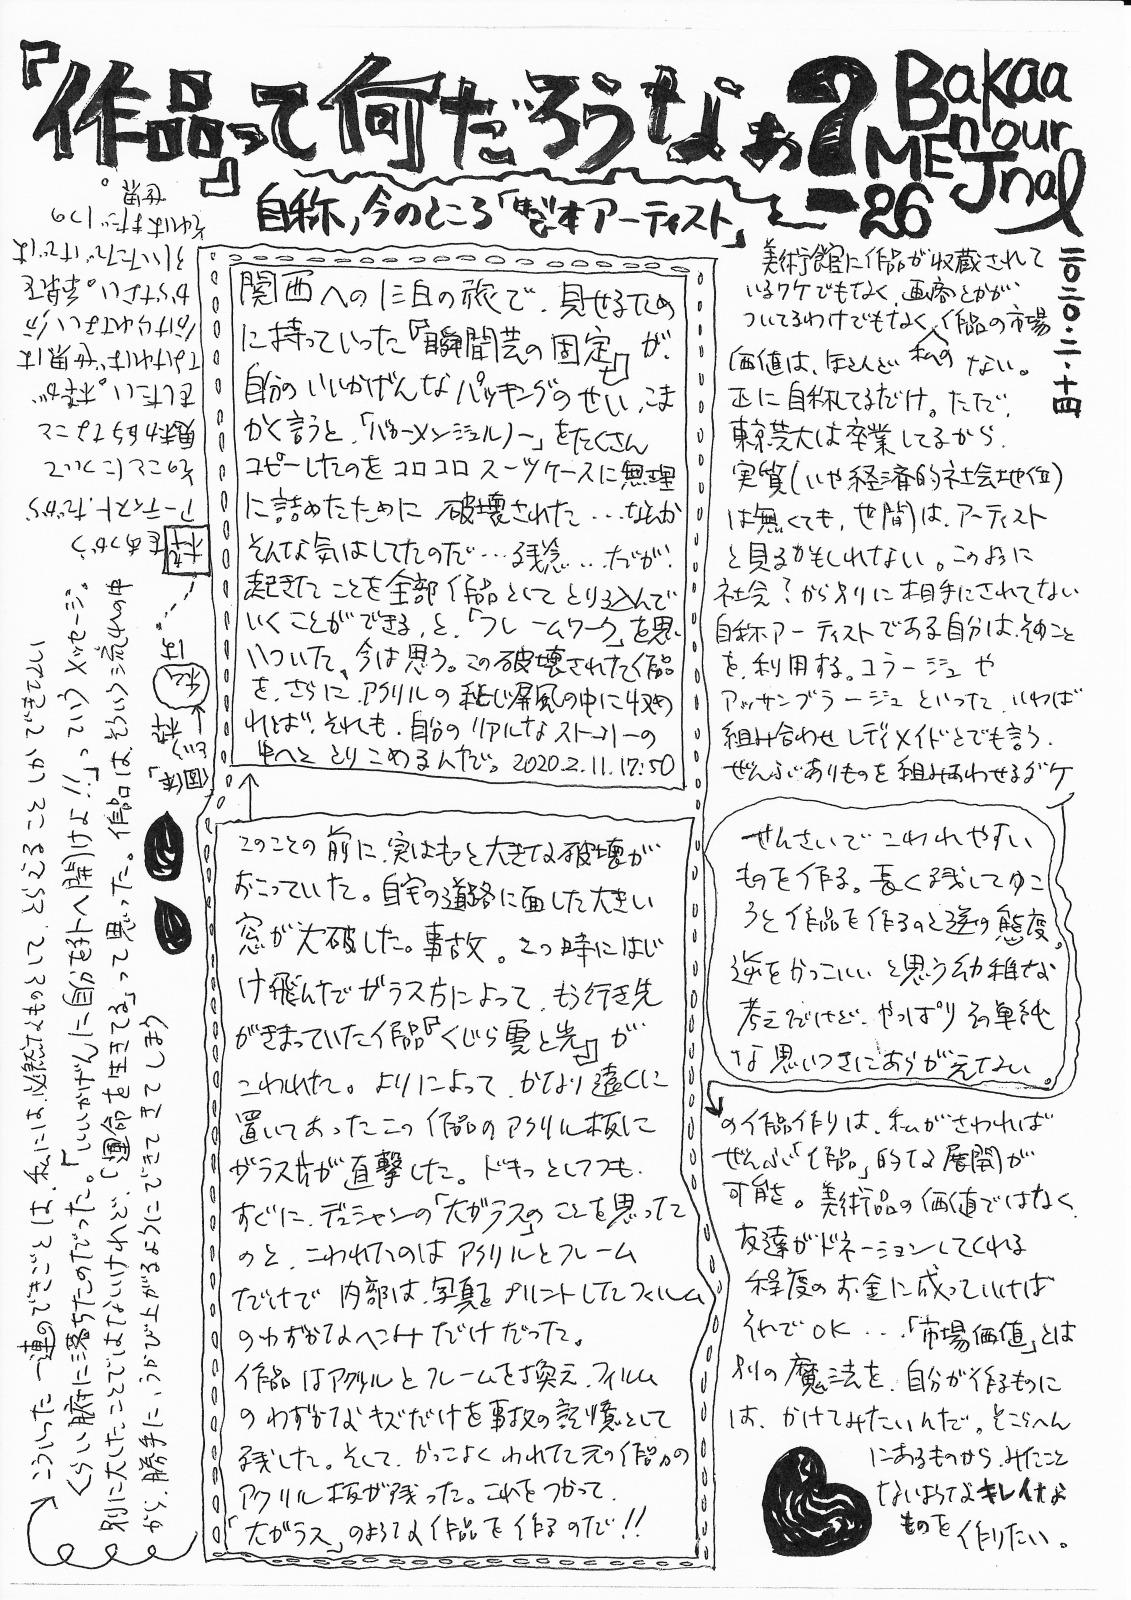 http://yoyamazaki.jp/blog/blog/%E3%81%B0%E3%81%8B%E3%83%BC%E3%82%81%E3%82%93%E3%81%98%E3%82%85%E3%82%8B%E3%81%AE26.jpg